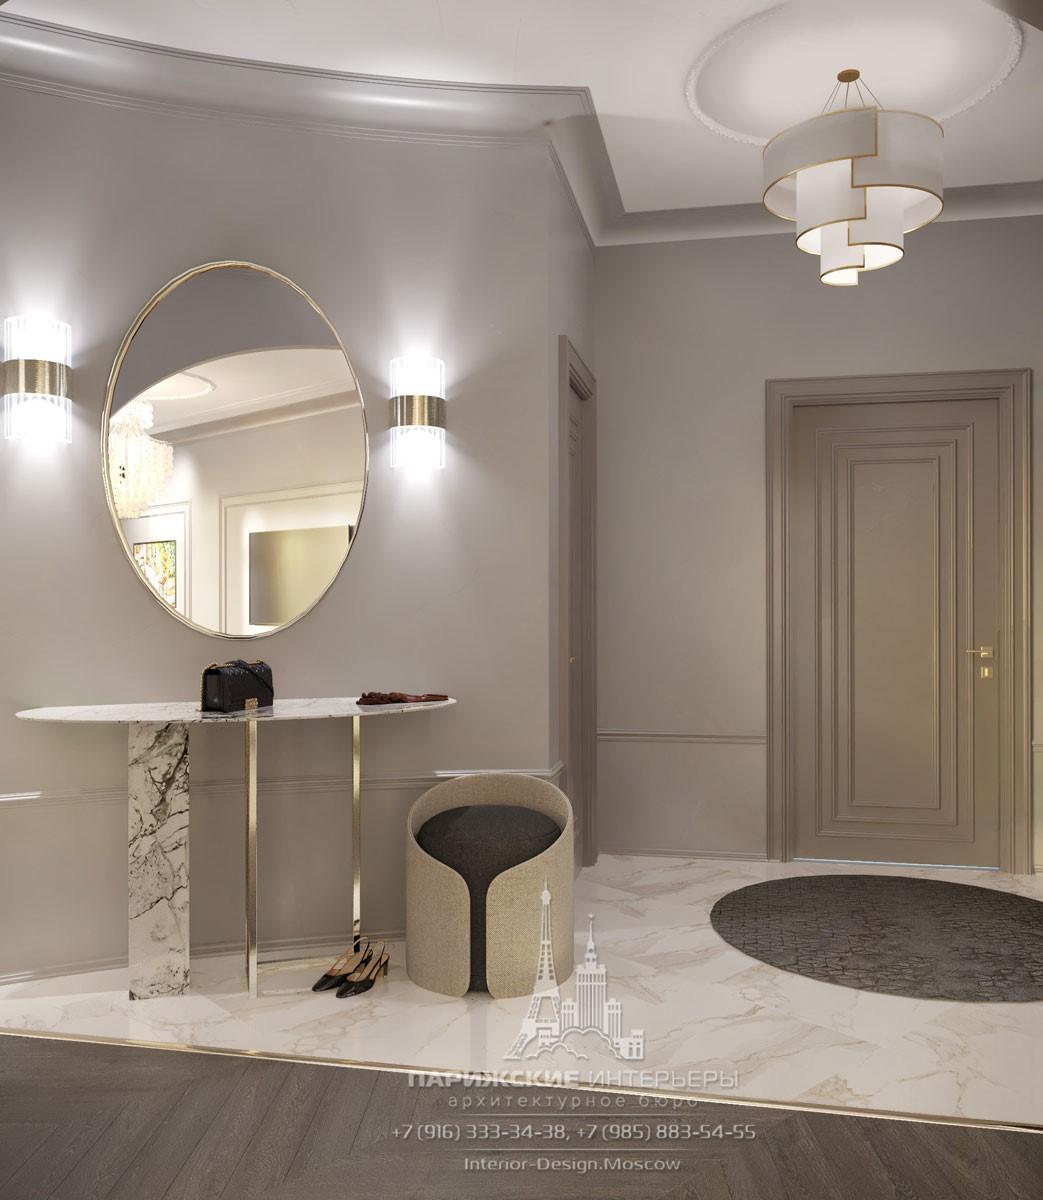 Современный дизайн коридора входной зоны с зеркалом